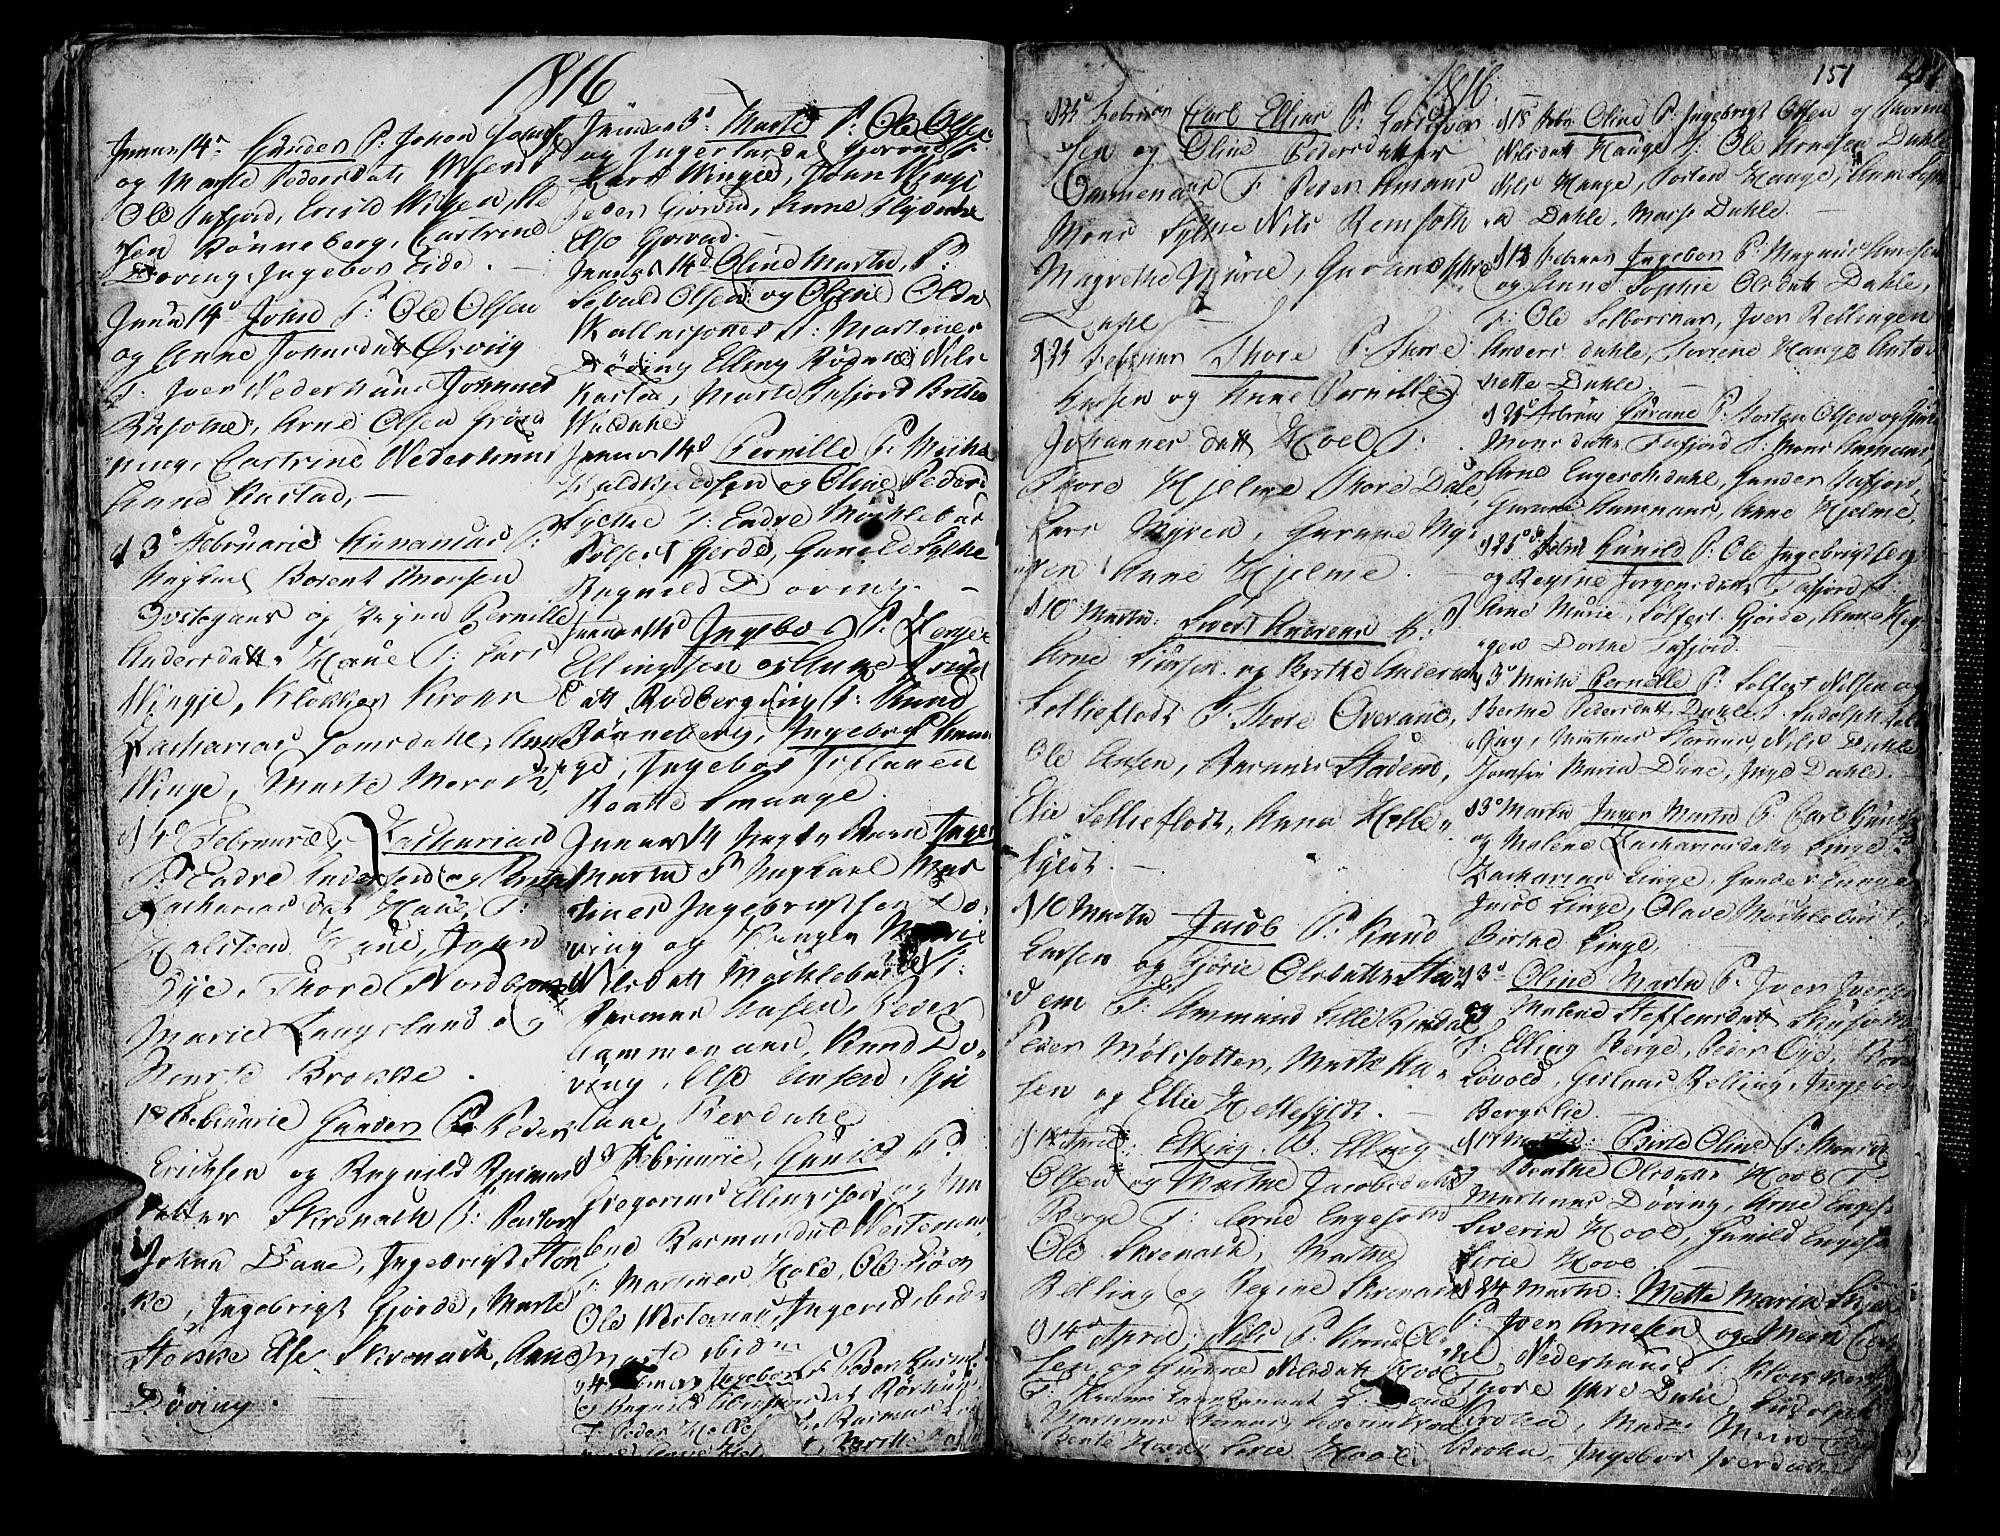 SAT, Ministerialprotokoller, klokkerbøker og fødselsregistre - Møre og Romsdal, 519/L0245: Ministerialbok nr. 519A04, 1774-1816, s. 151